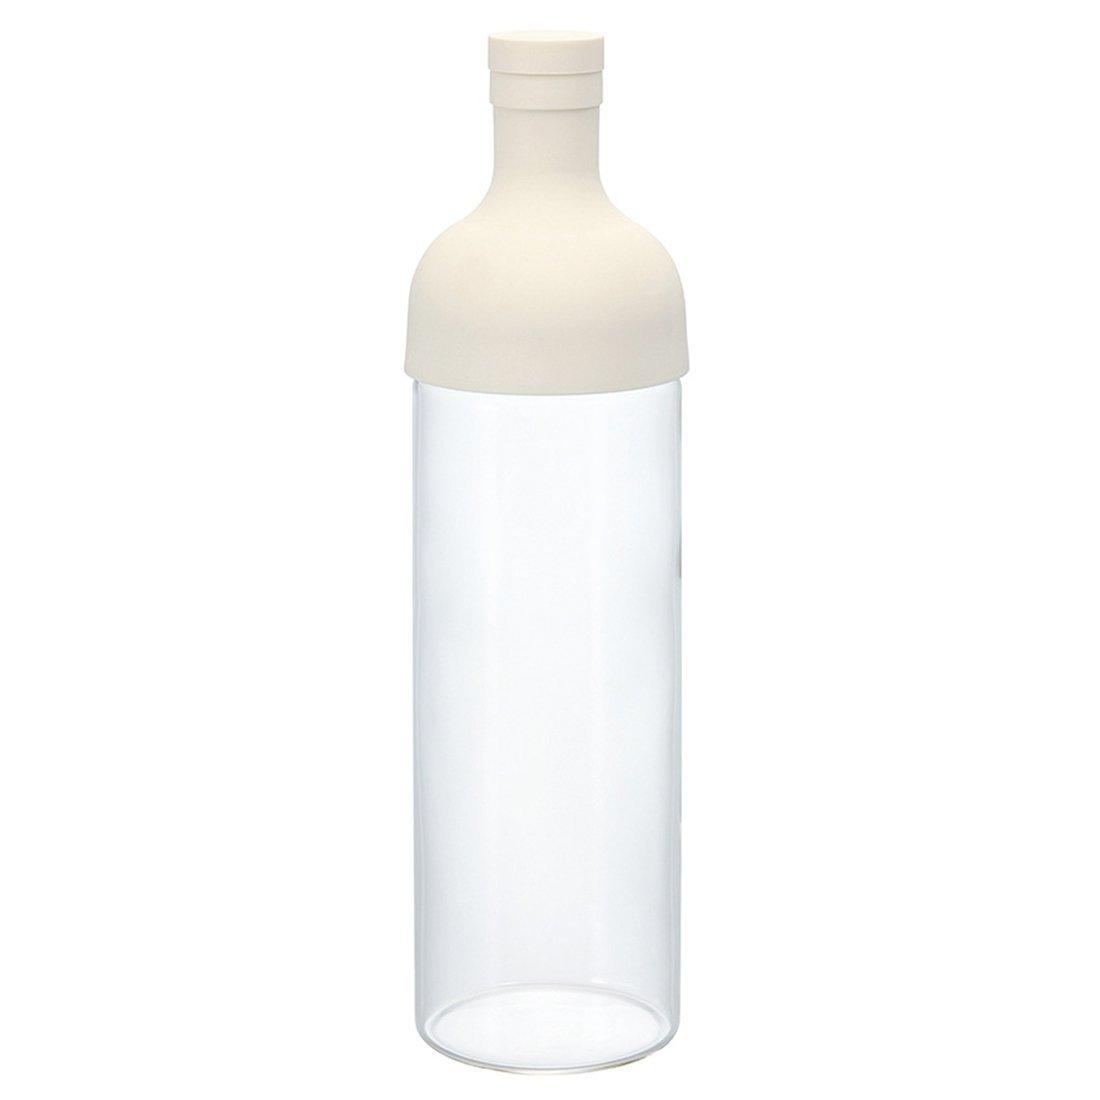 ハリオ フィルターインボトル オフホワイト 300ml